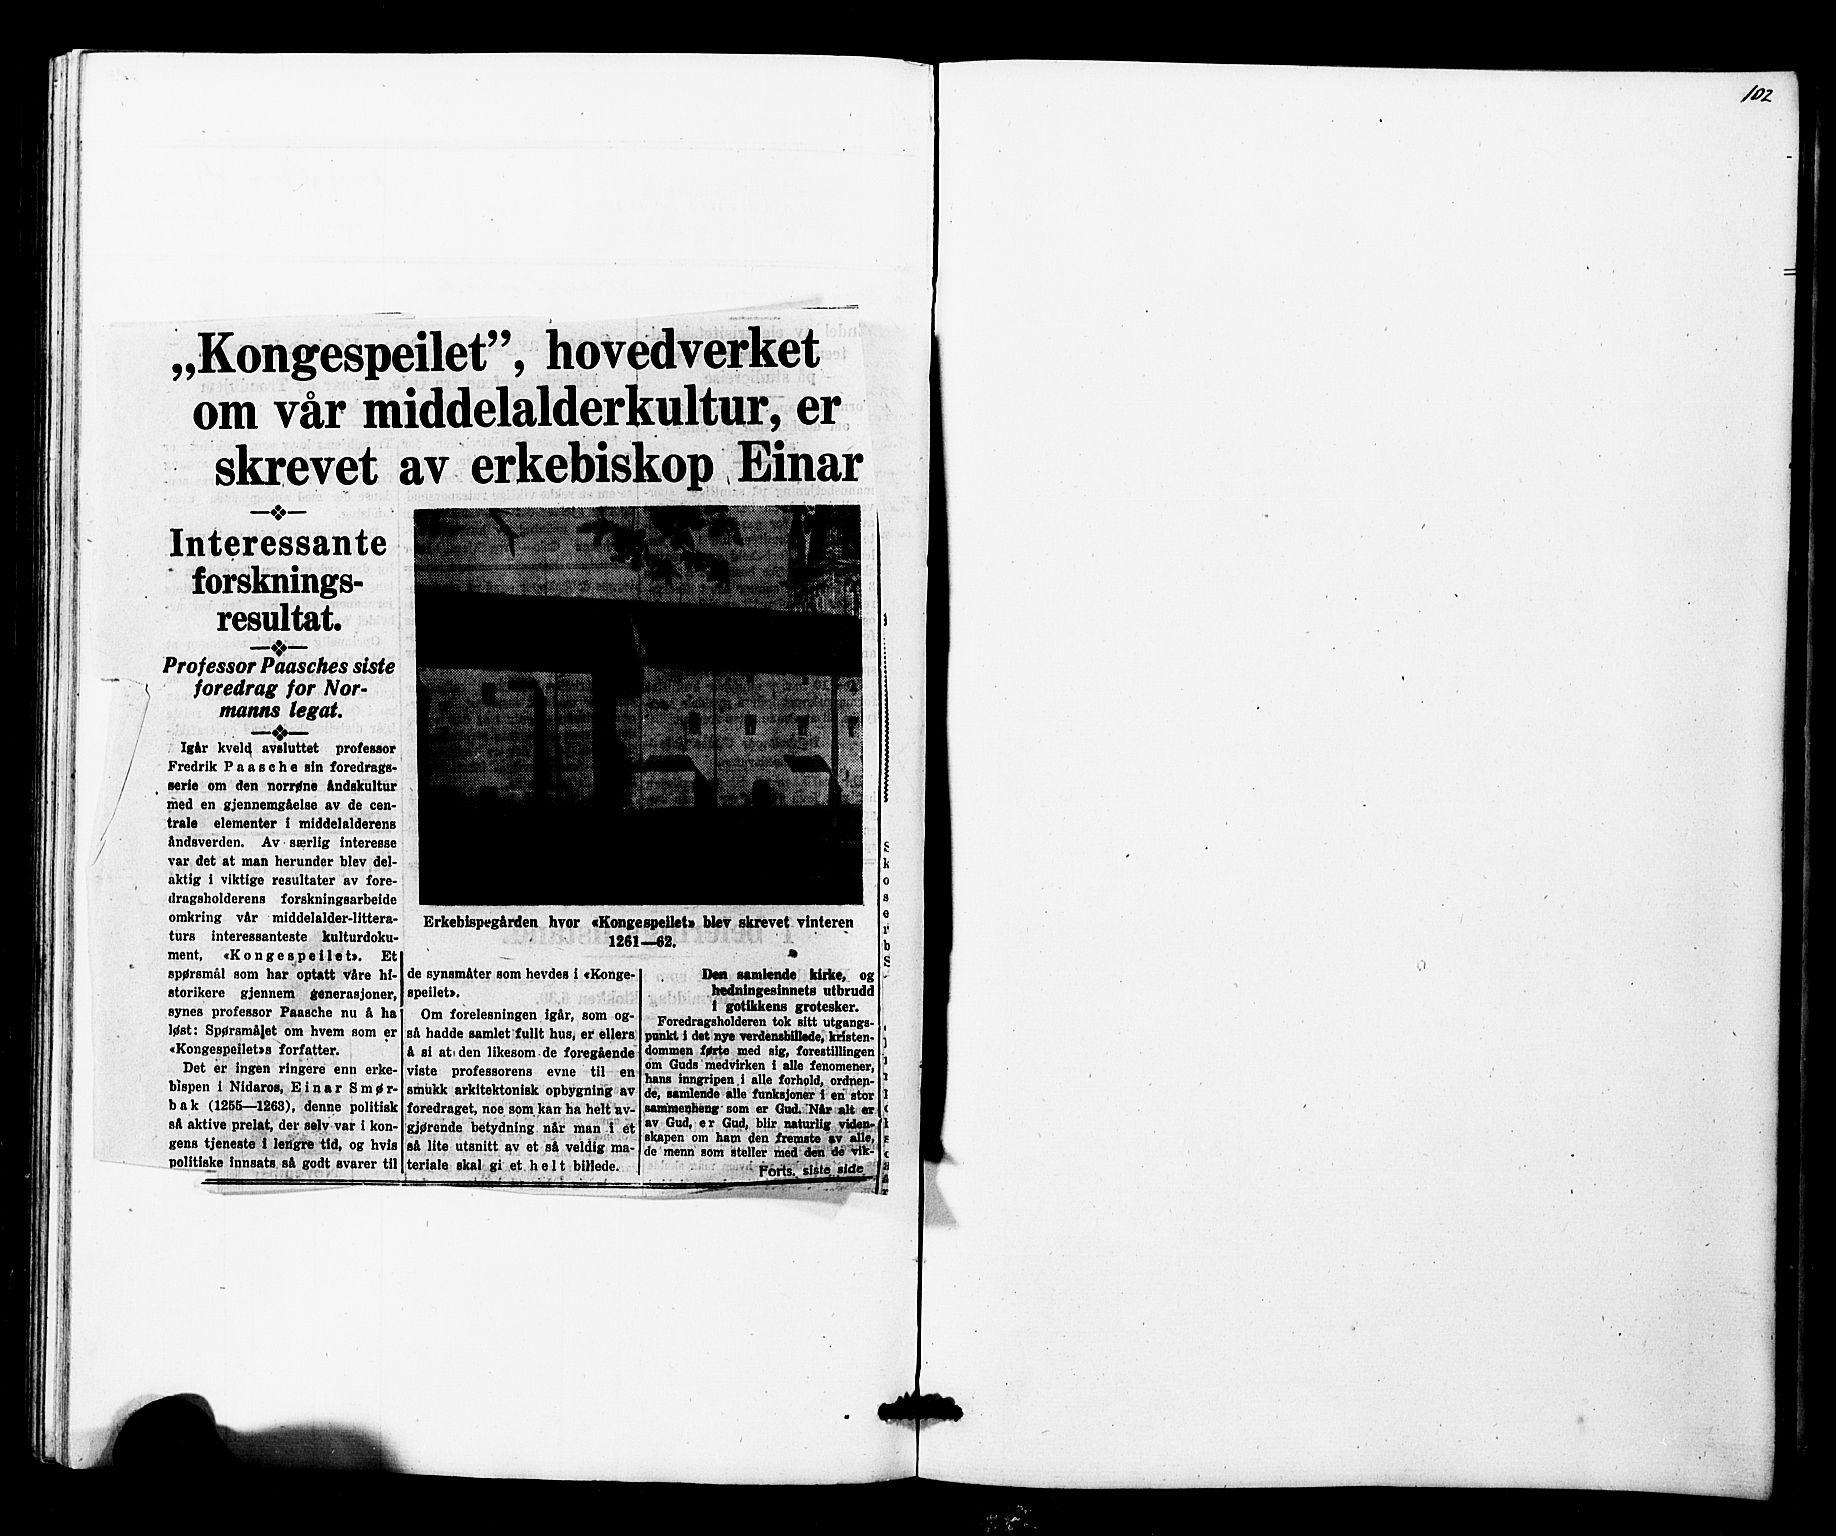 SAT, Ministerialprotokoller, klokkerbøker og fødselsregistre - Nord-Trøndelag, 707/L0052: Klokkerbok nr. 707C01, 1864-1897, s. 102